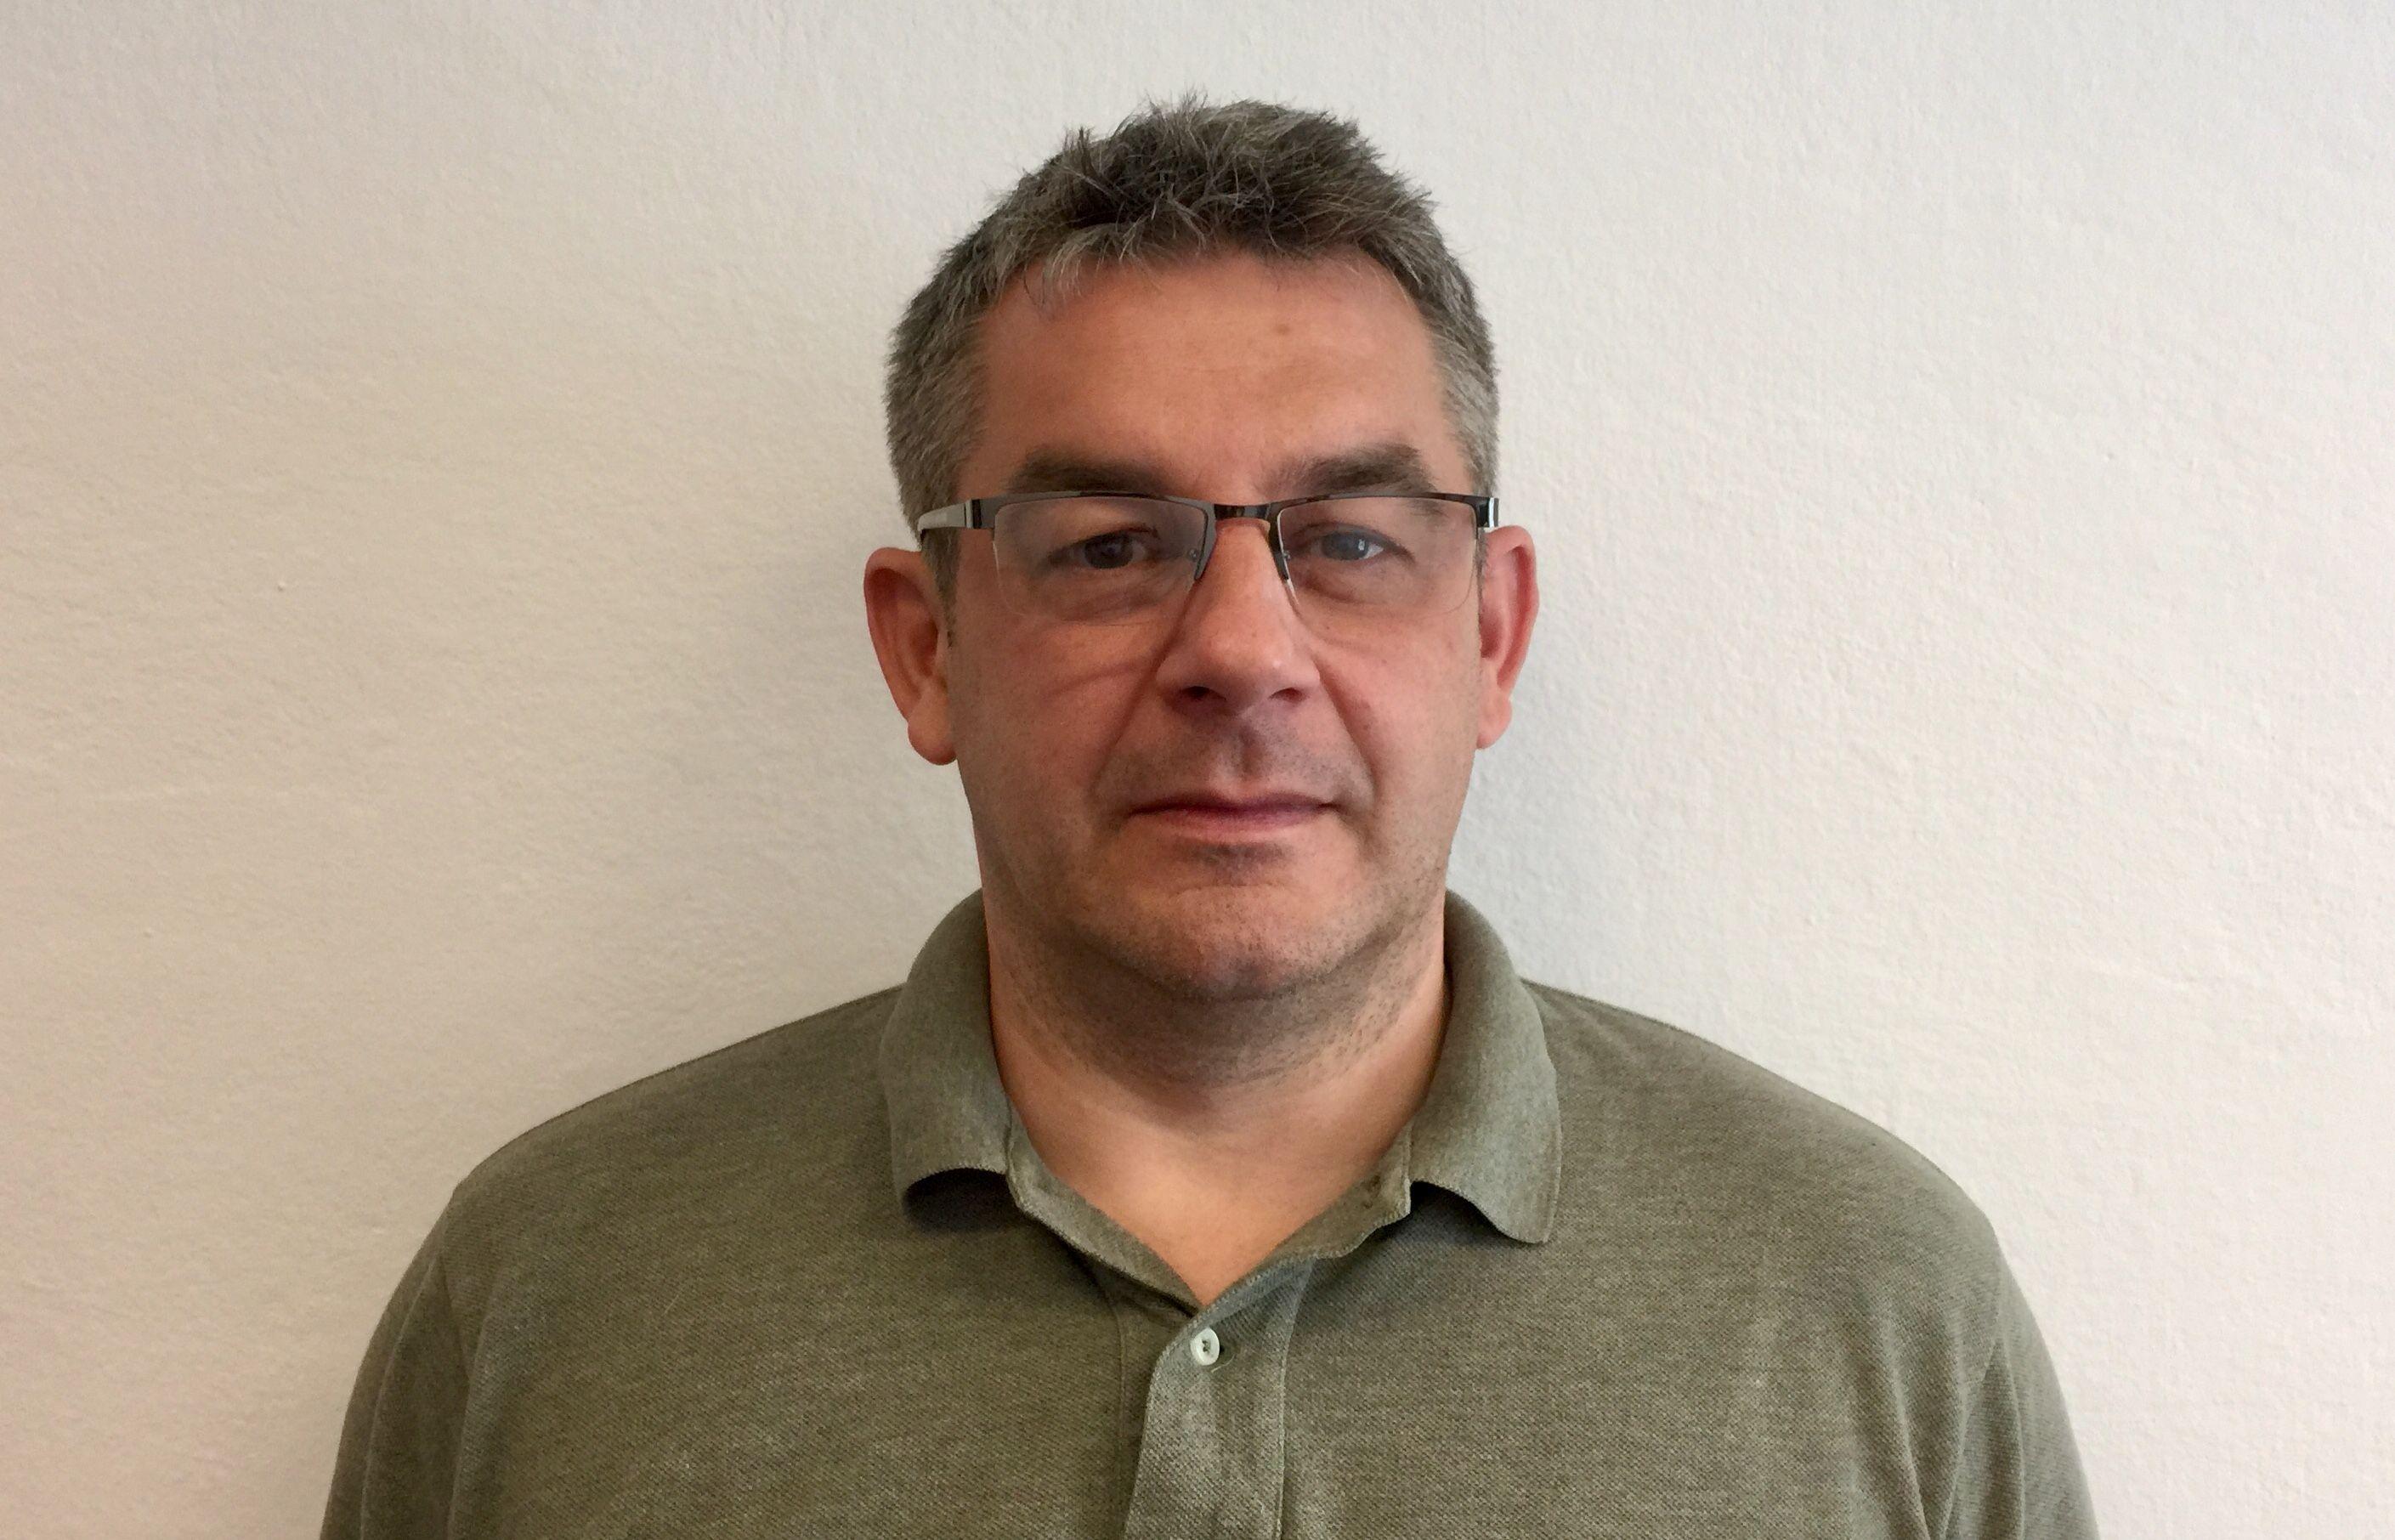 Rozmawiamy z Ryszardem Woronowiczem, wieloletnim rzecznikiem Polkomtela, operatora sieci Plus, a prywatnie użytkownikiem sprzętu Apple